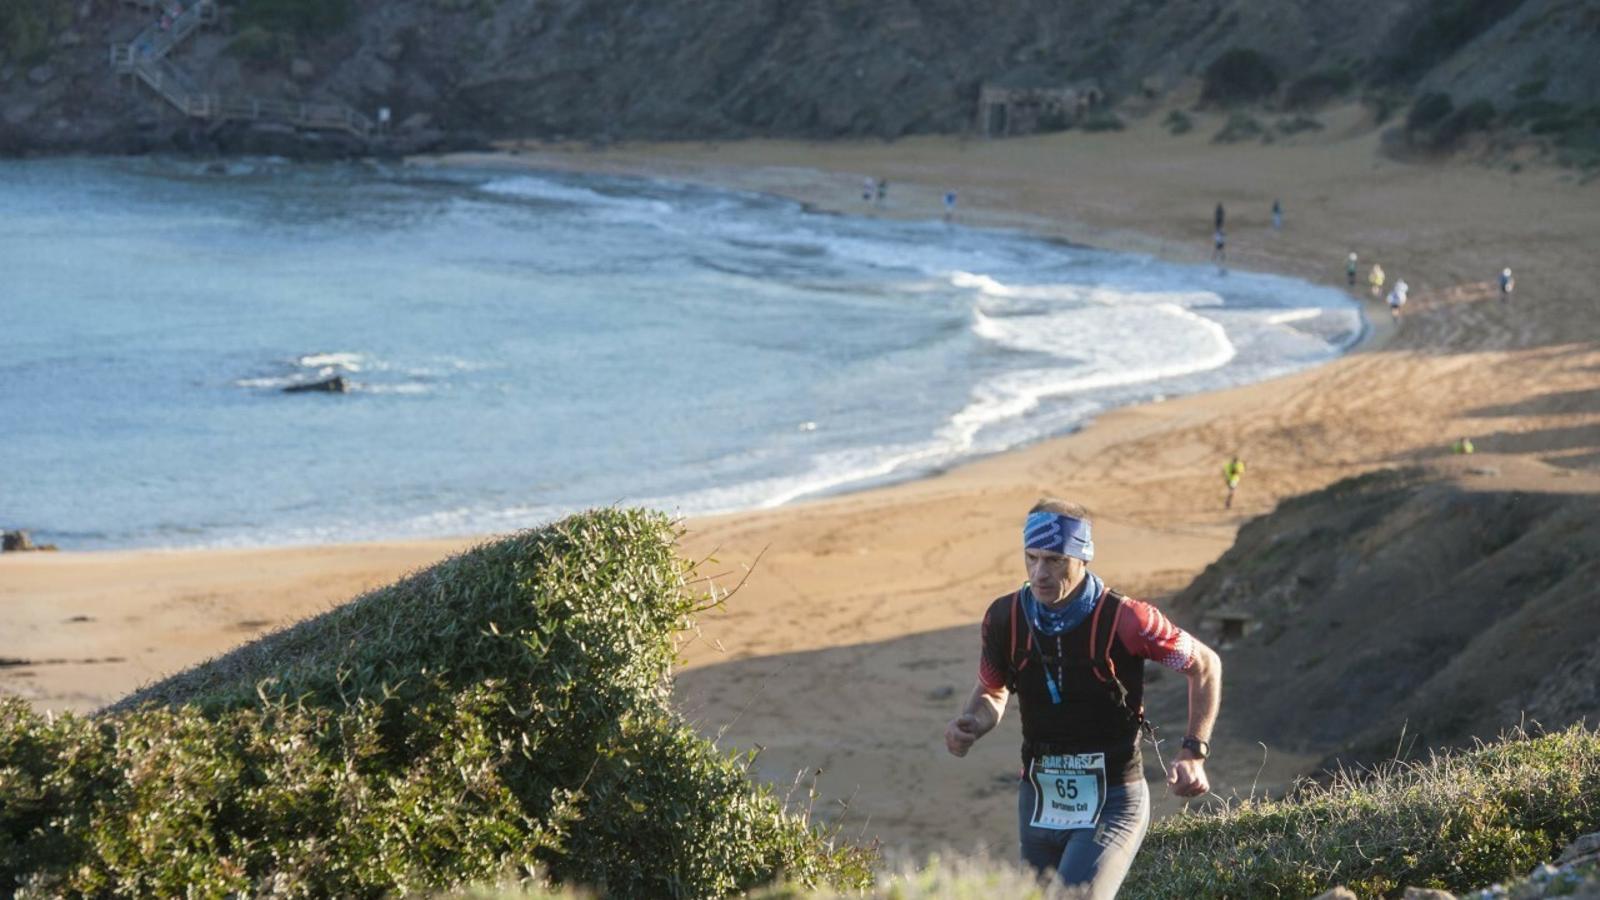 Els participants hauran de recórrer els 185 quilòmetres del Camí de Cavalls.